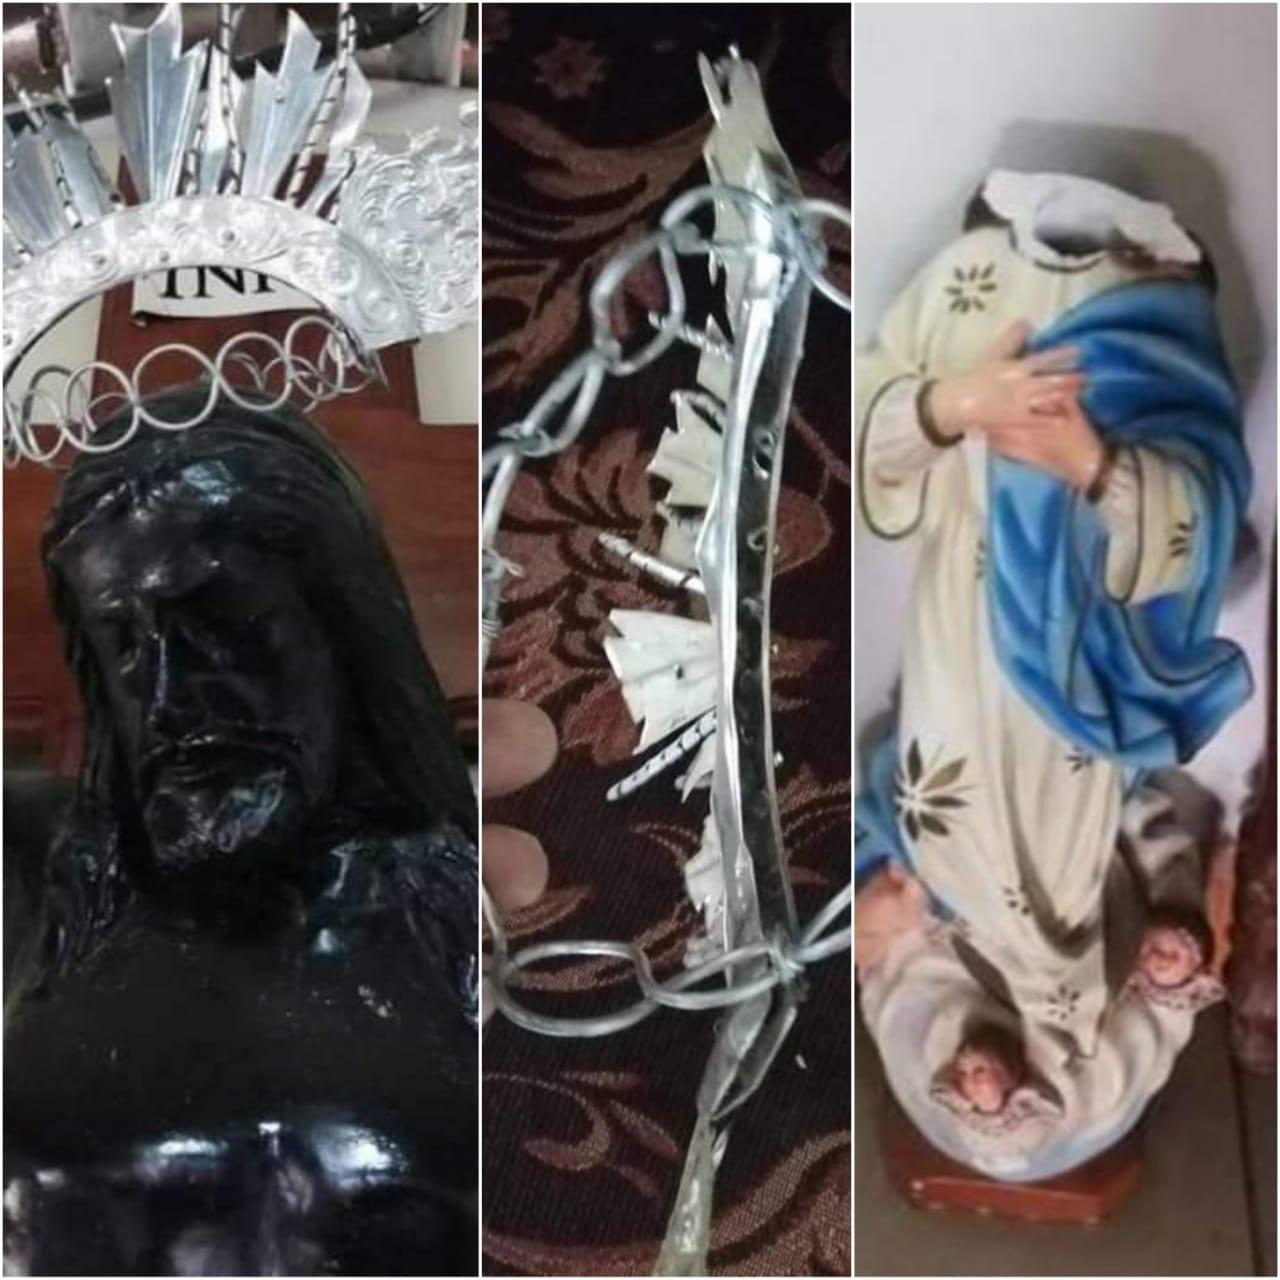 Fanáticos orteguistas irrumpen la capilla Nuestro Señor de Esquipulas para robar y destruir imágenes religiosas